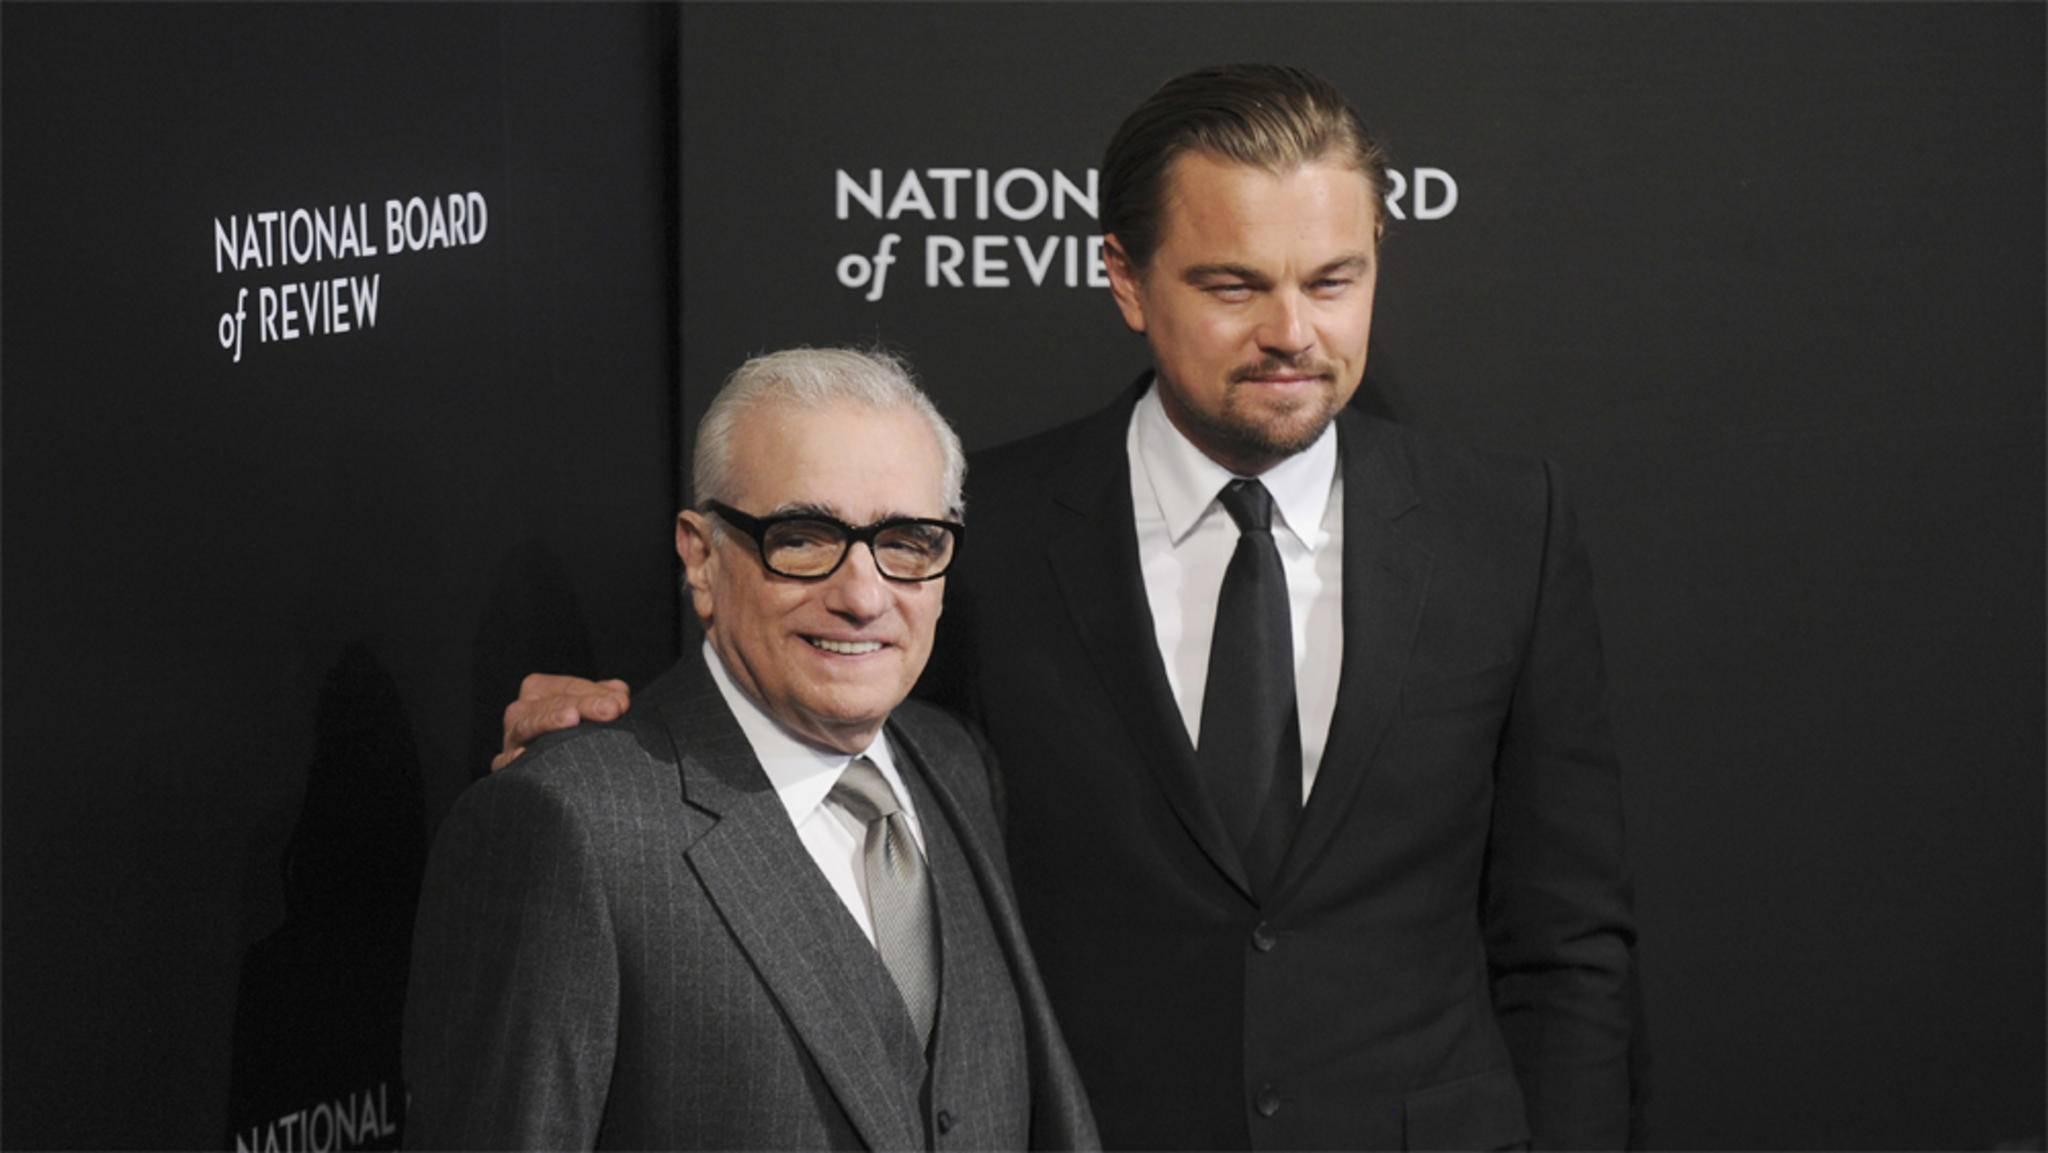 Martin Scorsese und Leonardo DiCaprio können gut miteinander. Will sich Warner Bros. das für seinen Joker-Film zunutze machen?